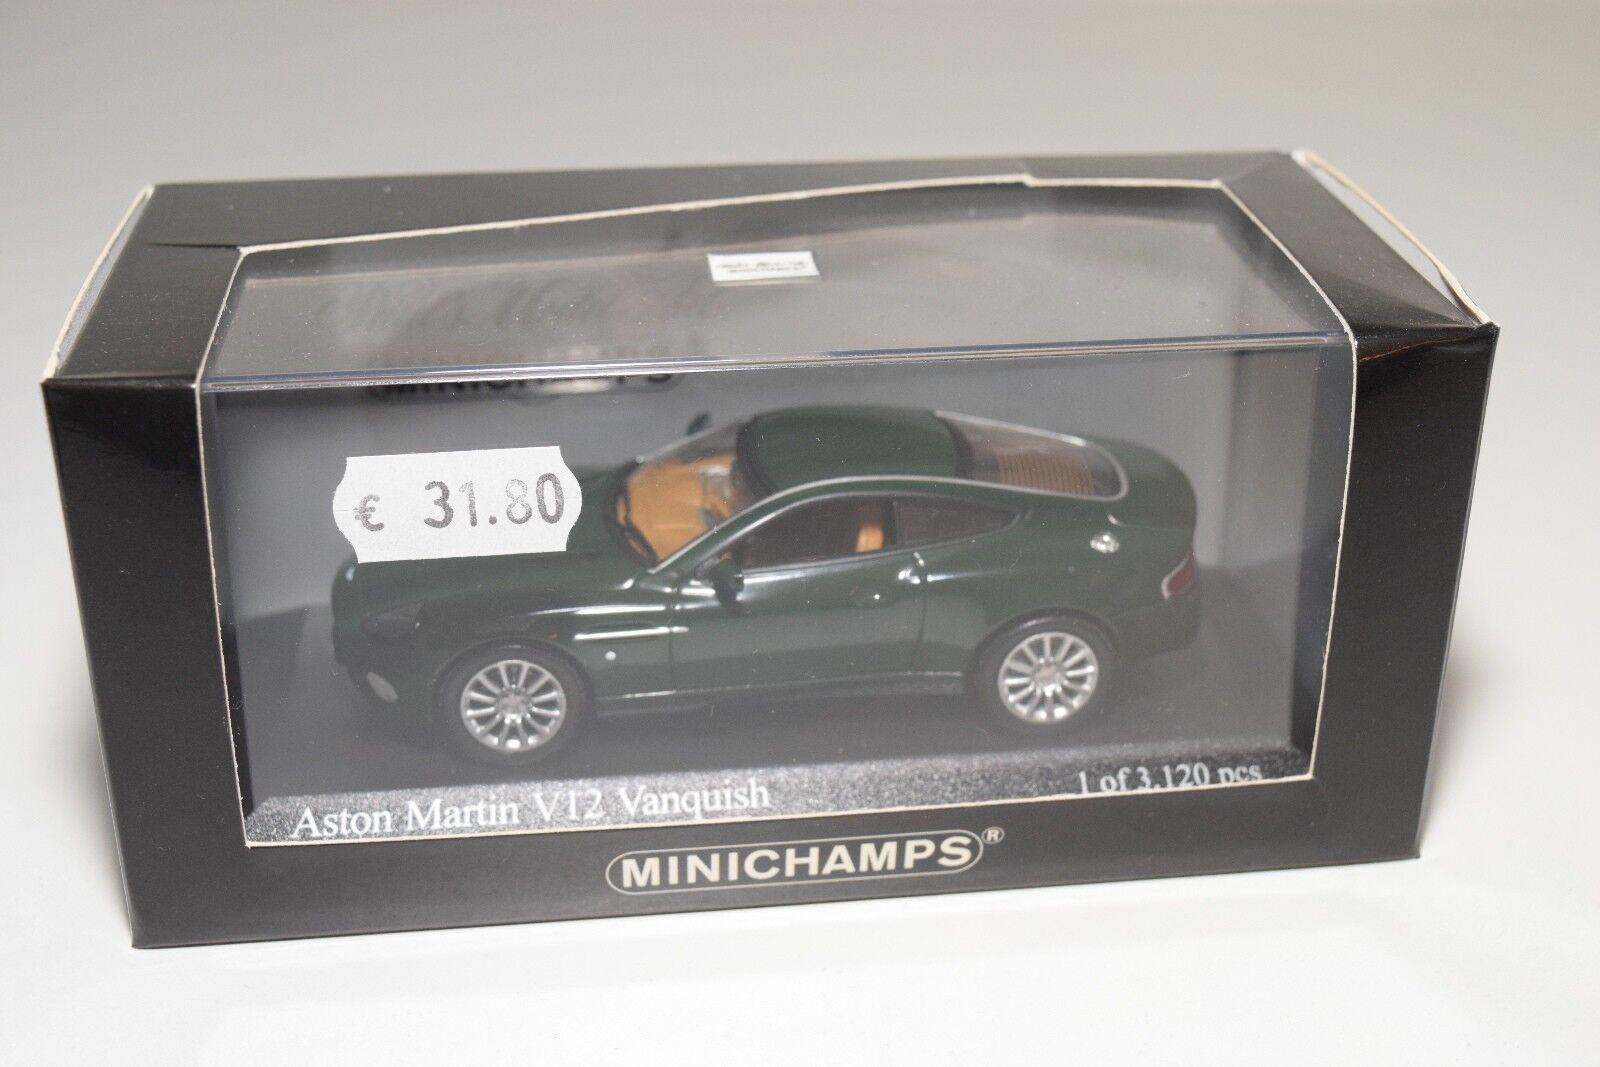 MINICHAMPS ASTON MARTIN V12 VANQUISH GREEN MINT BOXED